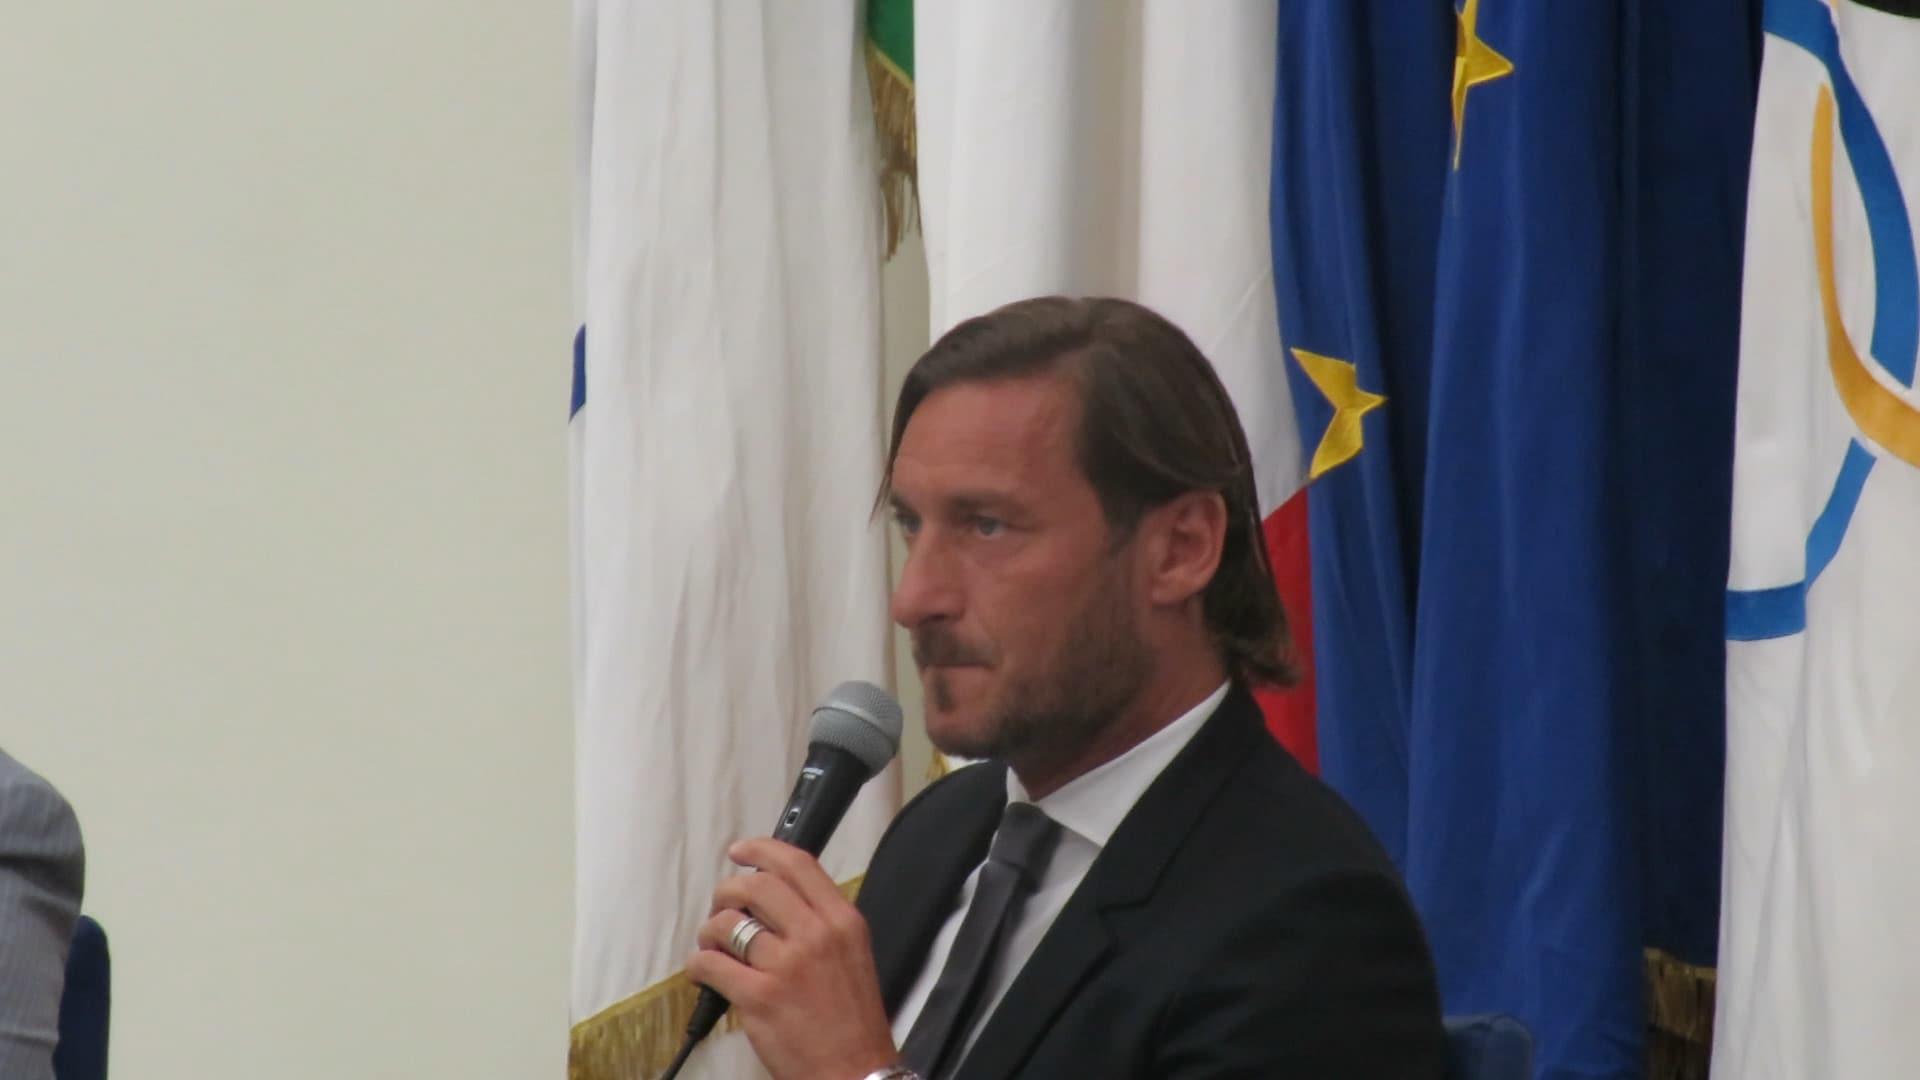 """Totti: """"Mi dimetto, non mi vogliono. I presidenti passano, le bandiere no"""""""